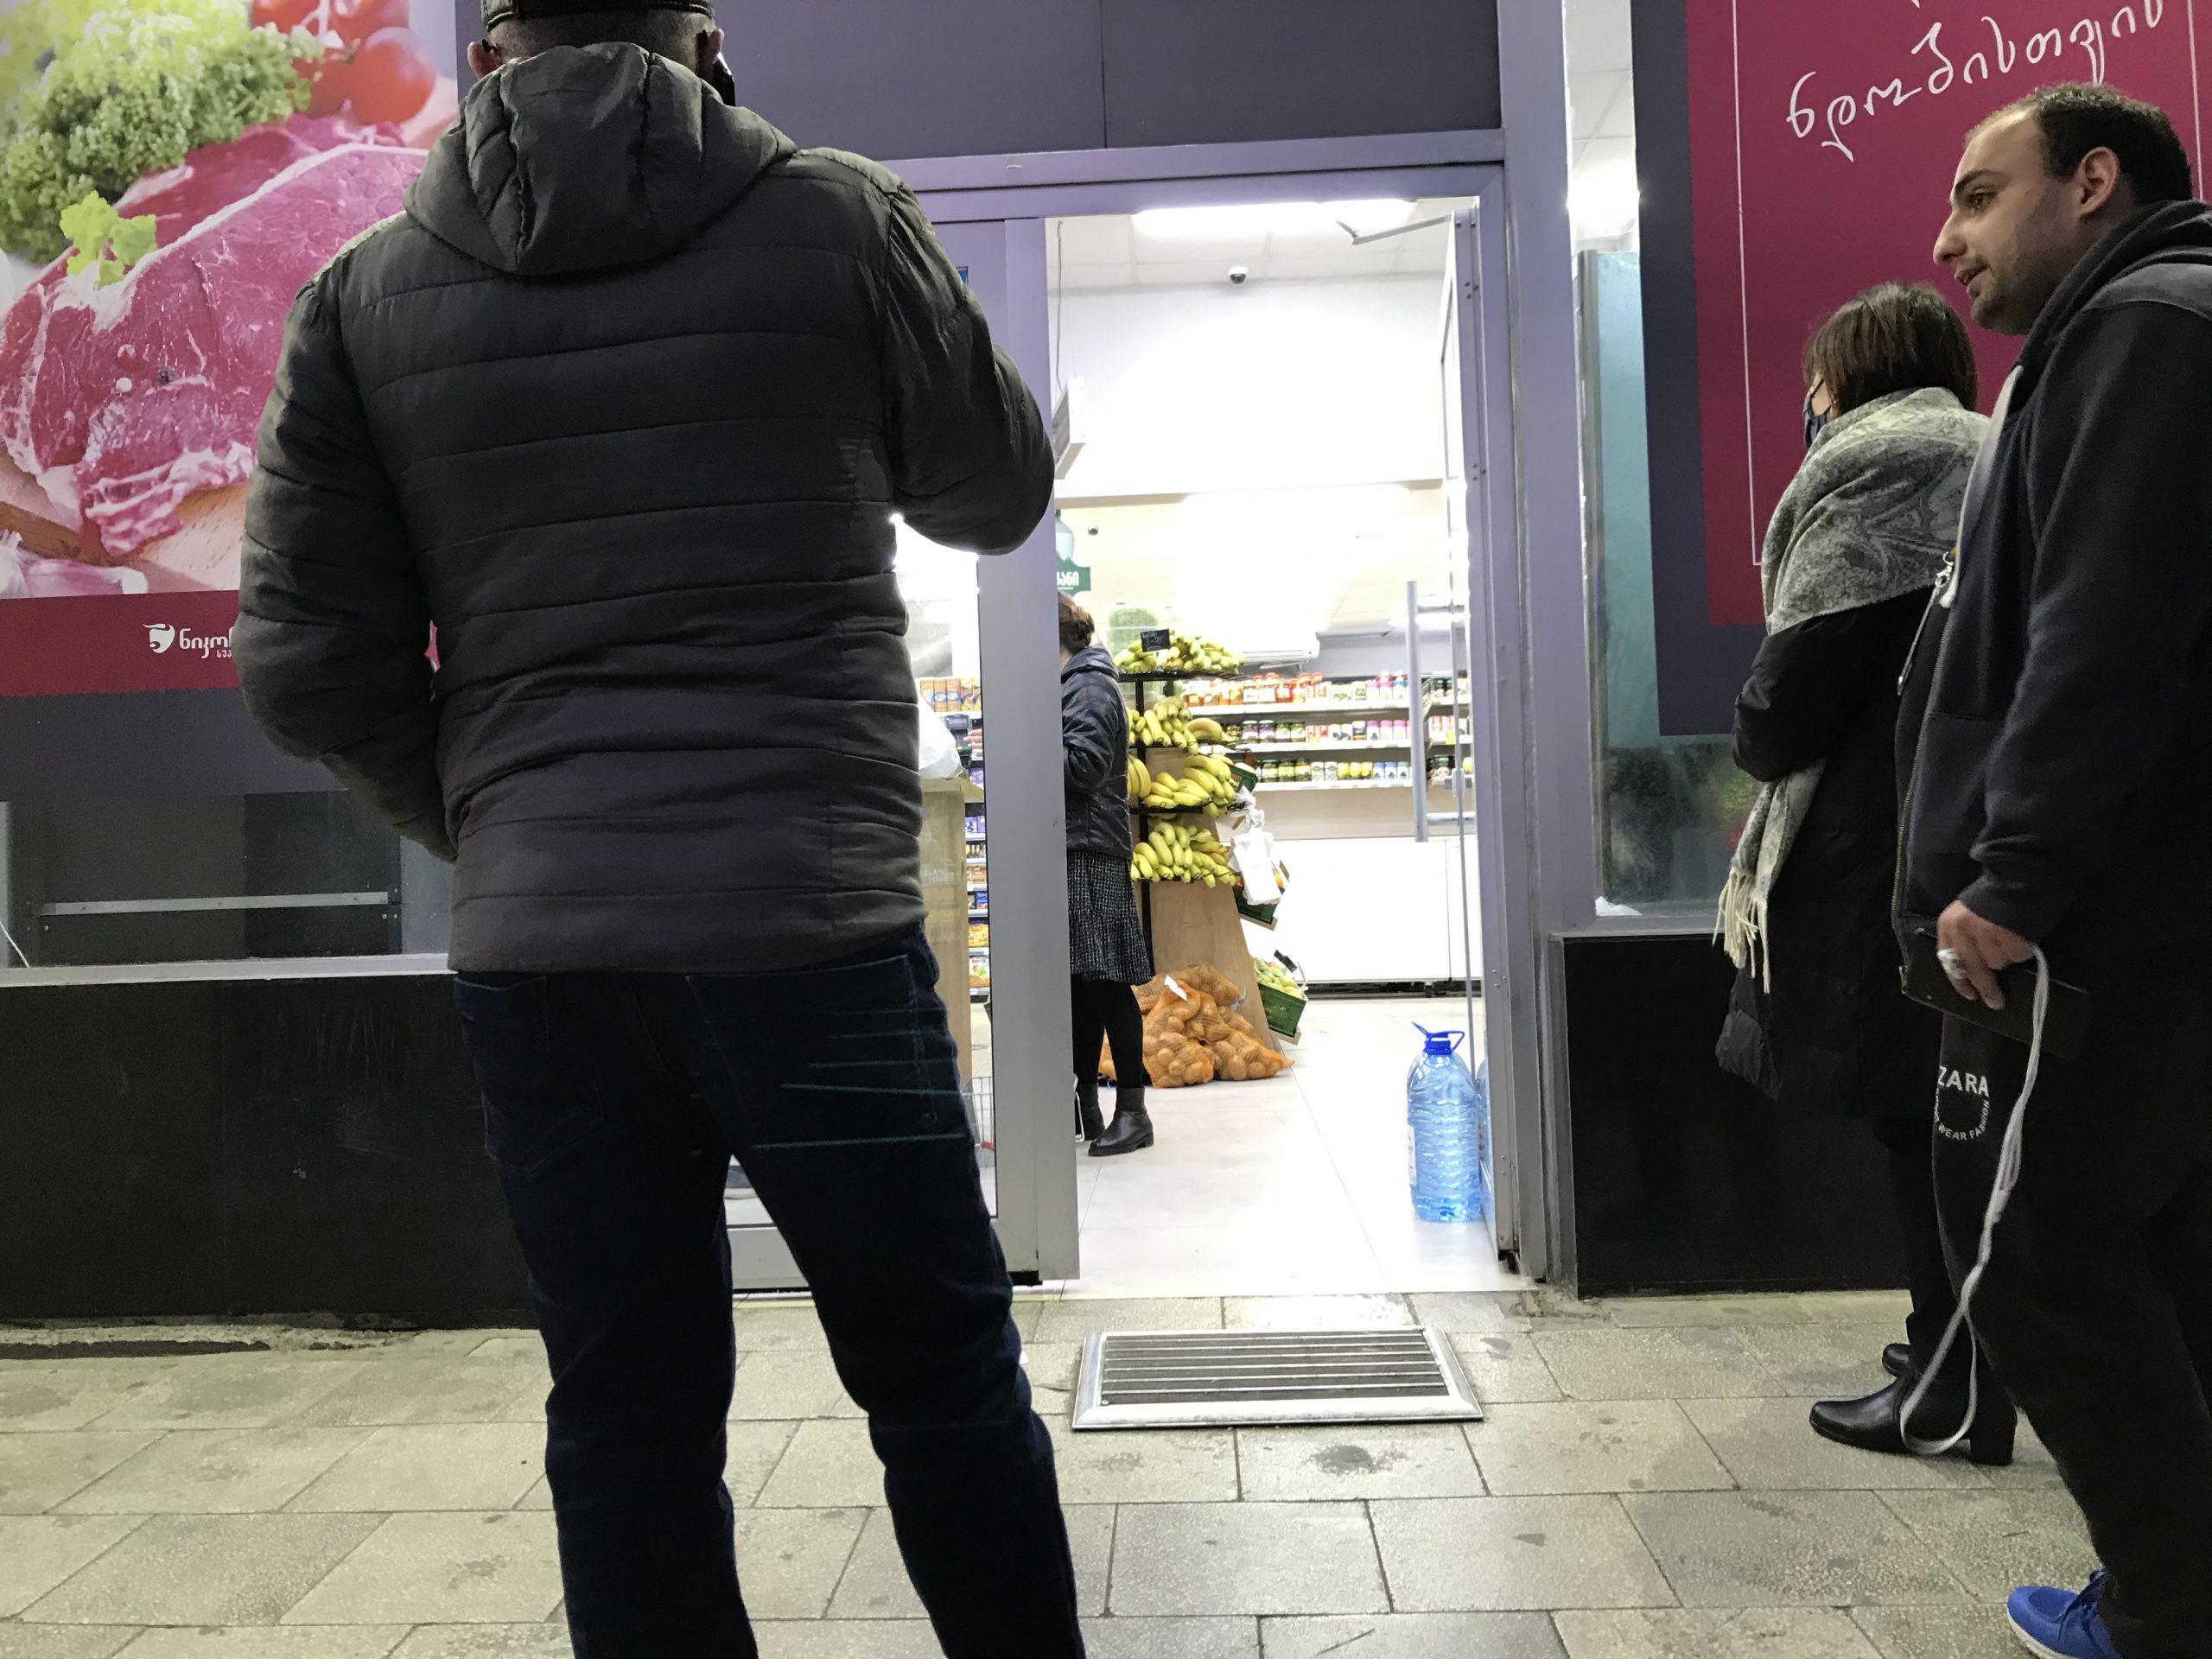 Los supermercados, a diferencia de los de otros países del mundo, están abastecidos constantemente. No hay colas kilométricas, pero sí un control y distancia entre las pocas personas que hacen cola para entrar en el supermerado. Máxima higiene y control en accesos a lugares concurridos como supermercados y farmacias.